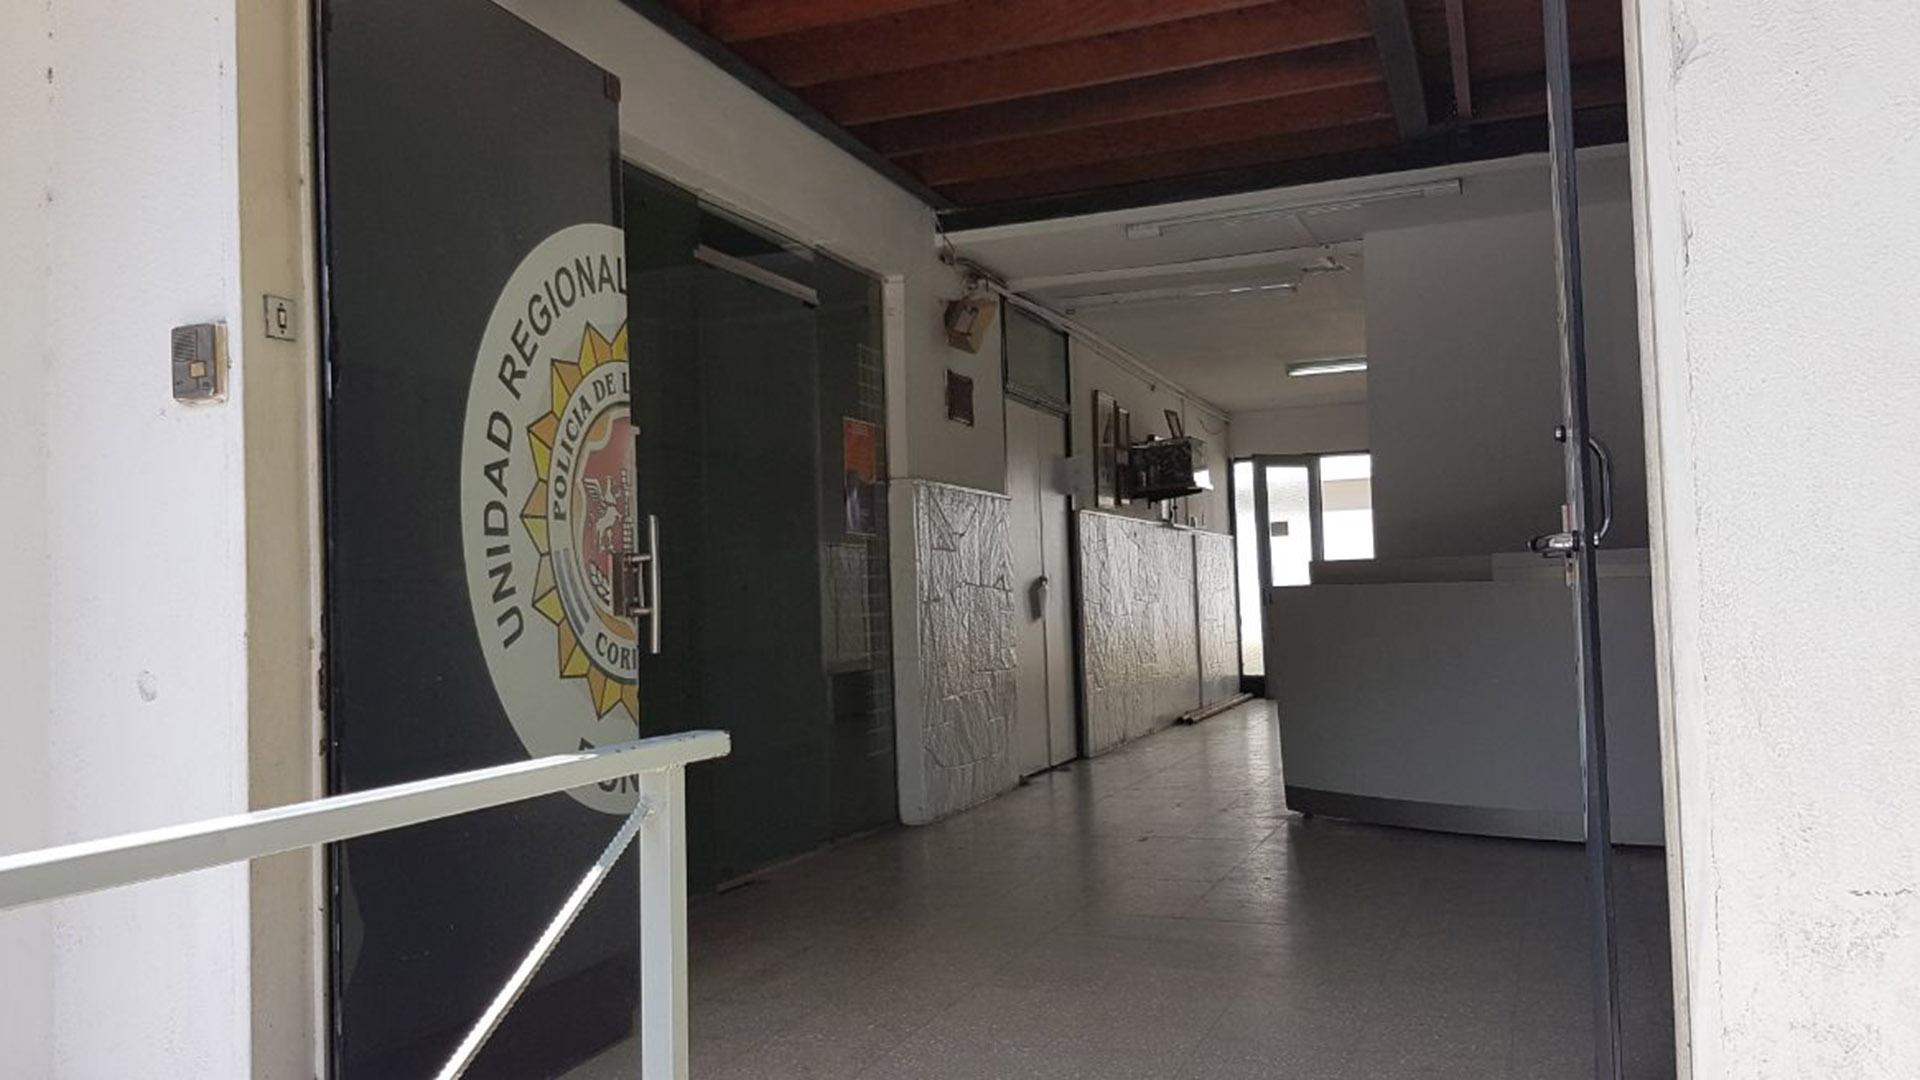 Esta es la comisaría donde está detenida Lanzoni (Fotos: Mario Sar / Teleshow)